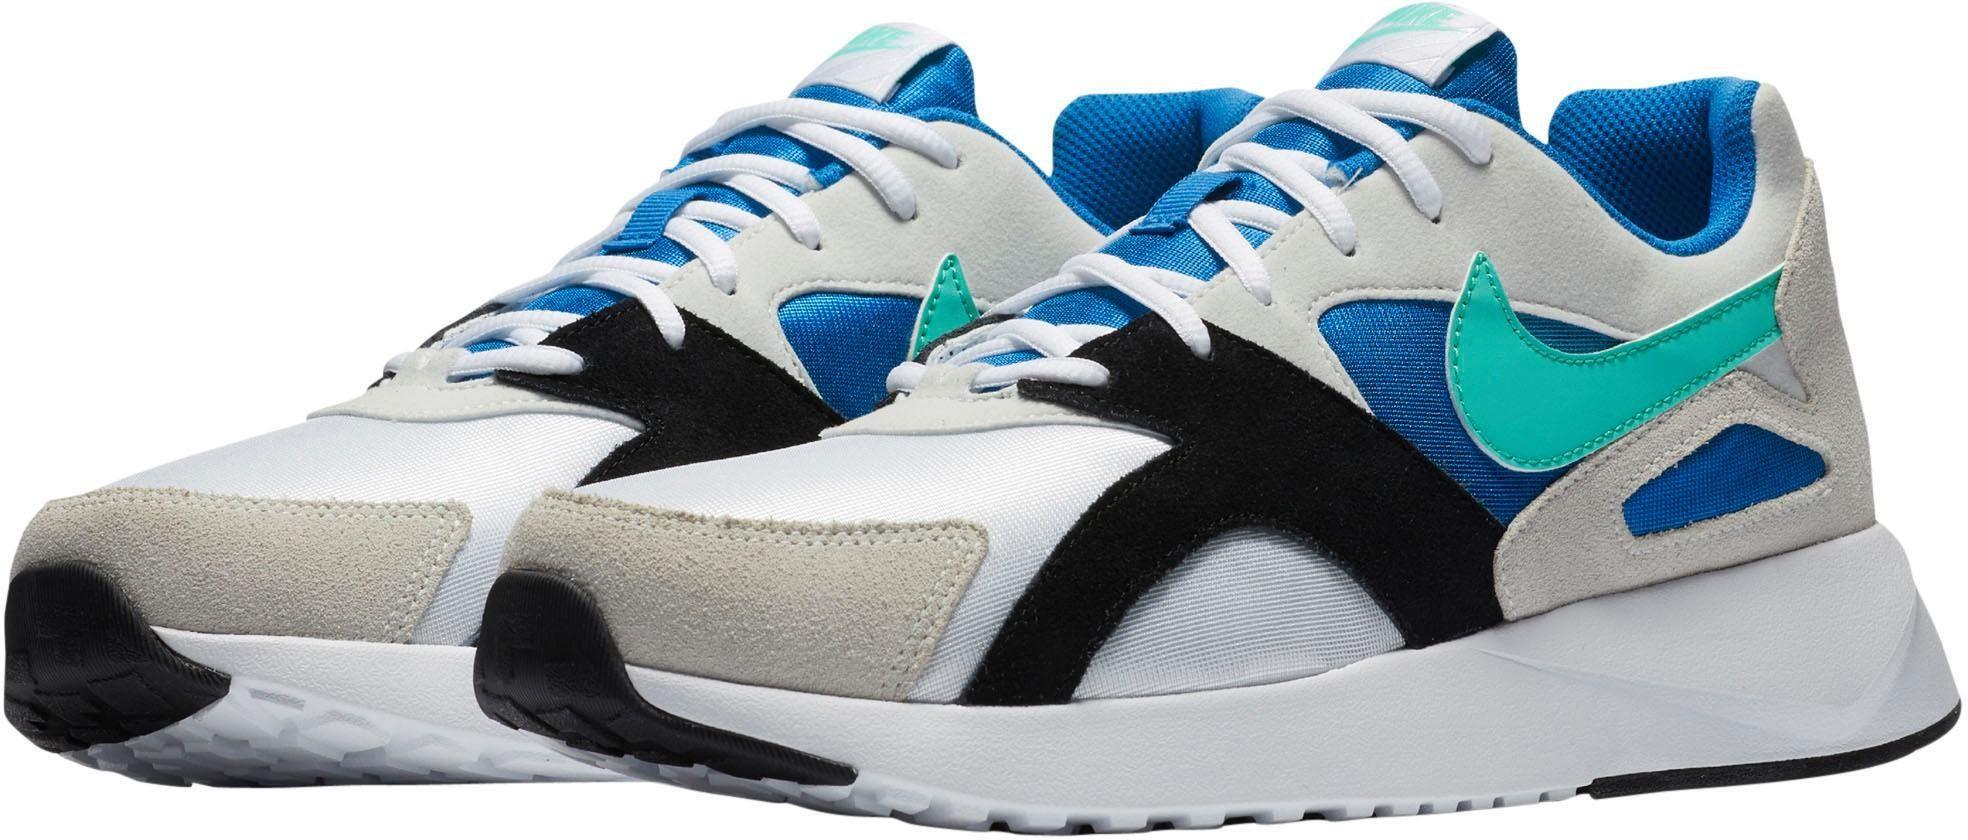 Nike Sportswear »Pantheos« Sneaker, Flexible Gummilaufsohle mit hohem Komfort online kaufen   OTTO